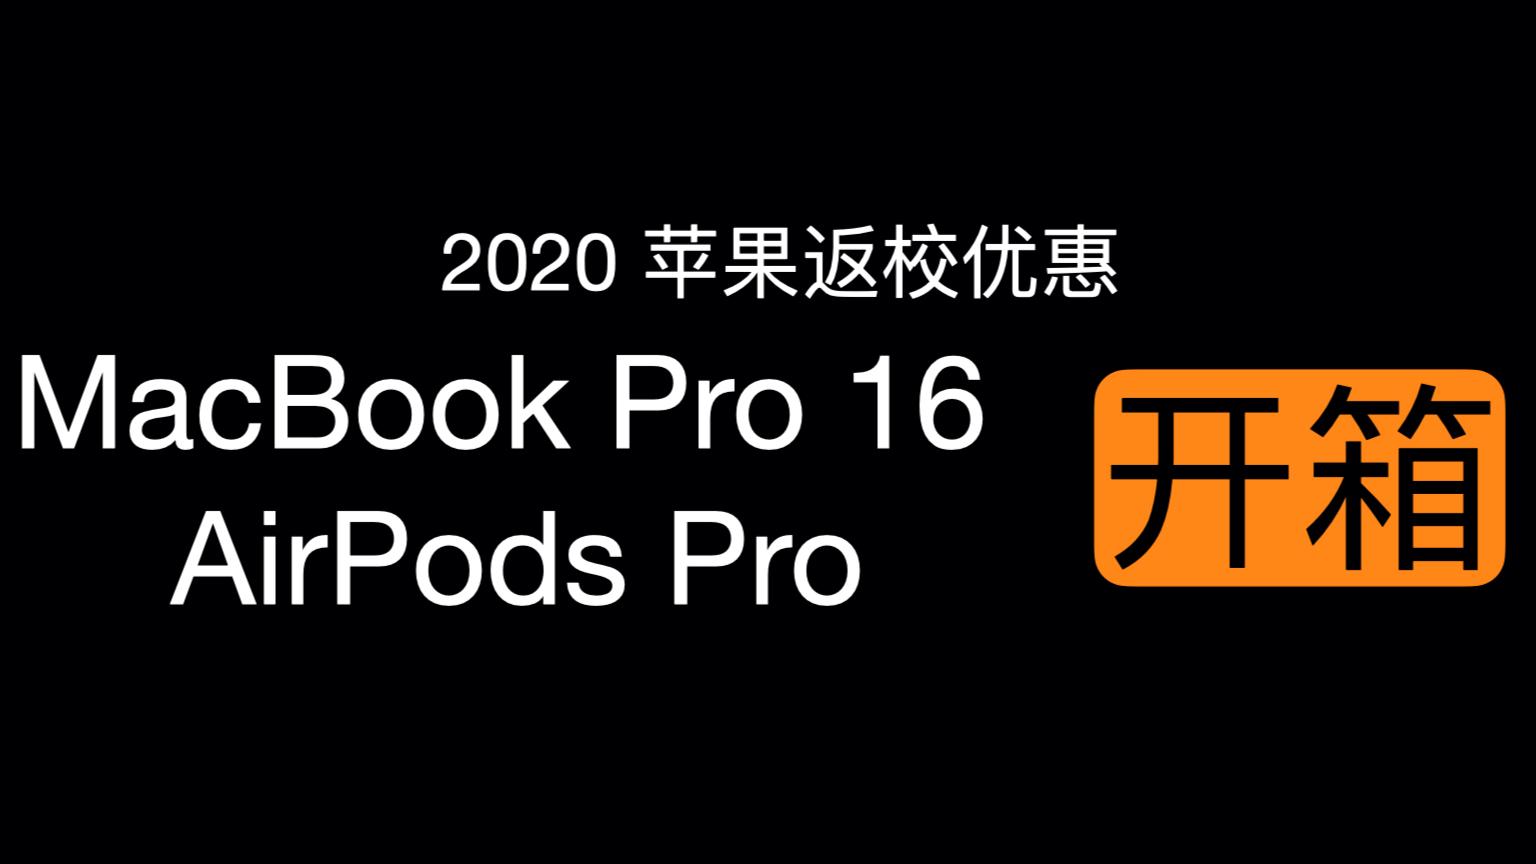 【开箱】2020苹果暑期教育优惠 MacBook pro 16 & AirPods pro 活动真香